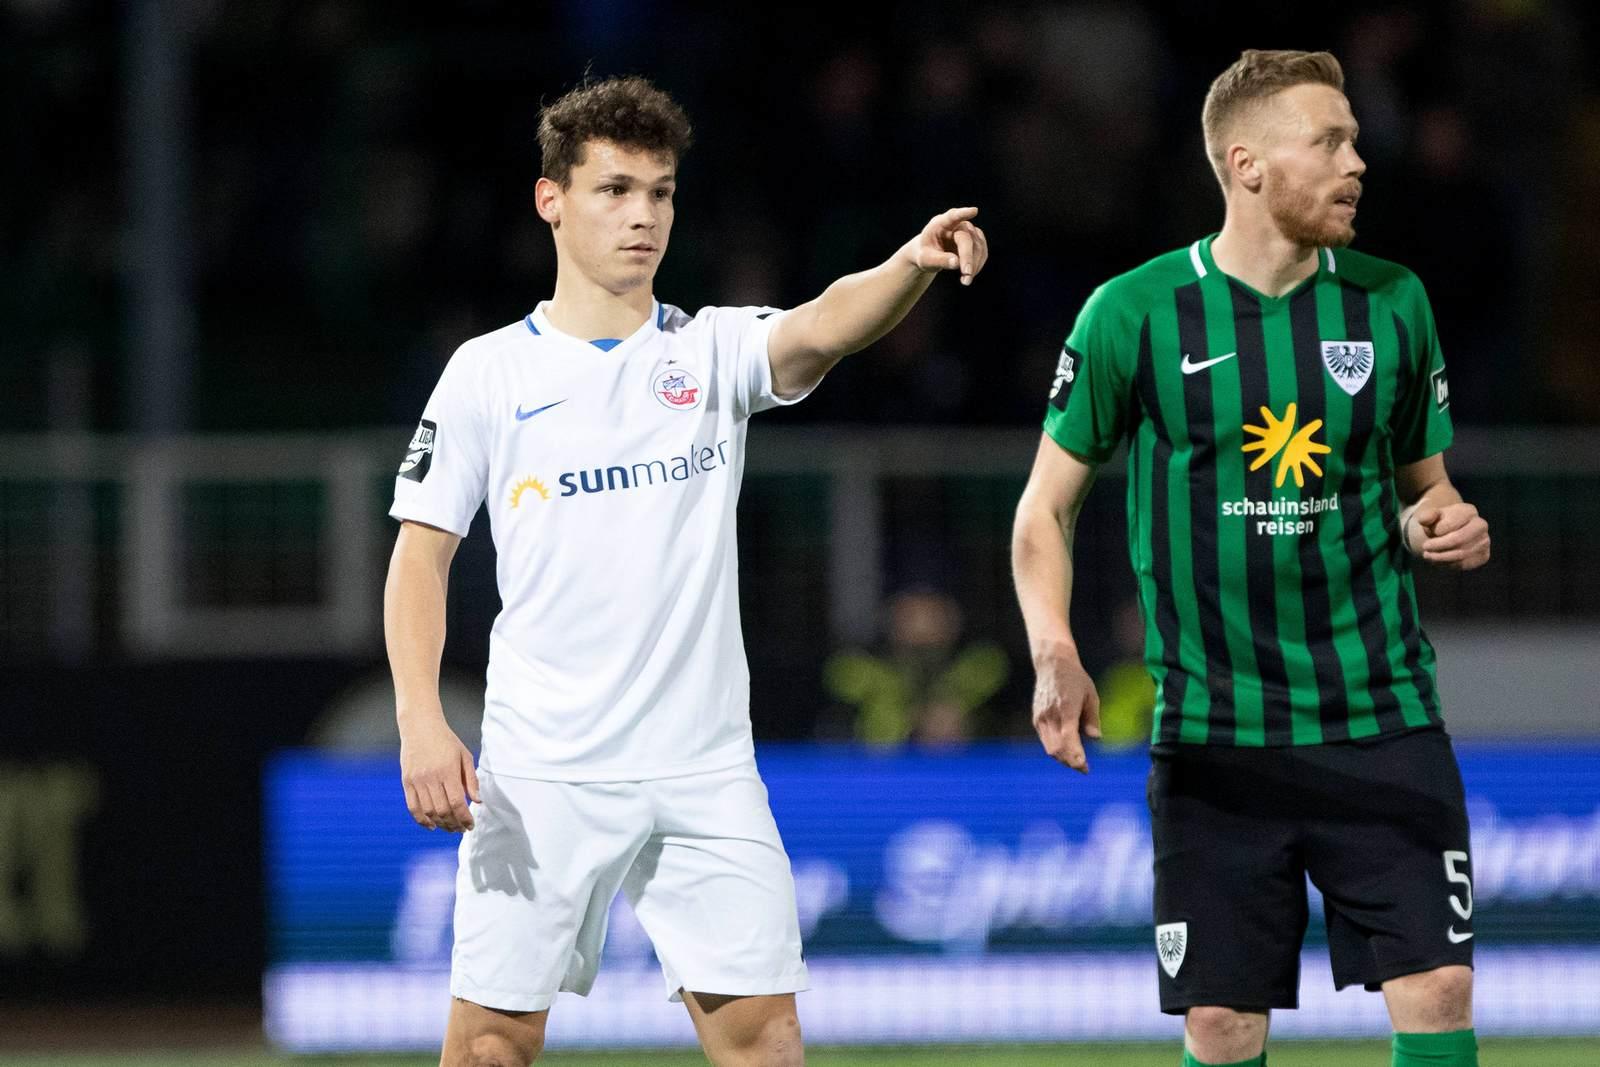 Lukas Scherff deutet auf Fabian Menig vom SC Preußen Münster